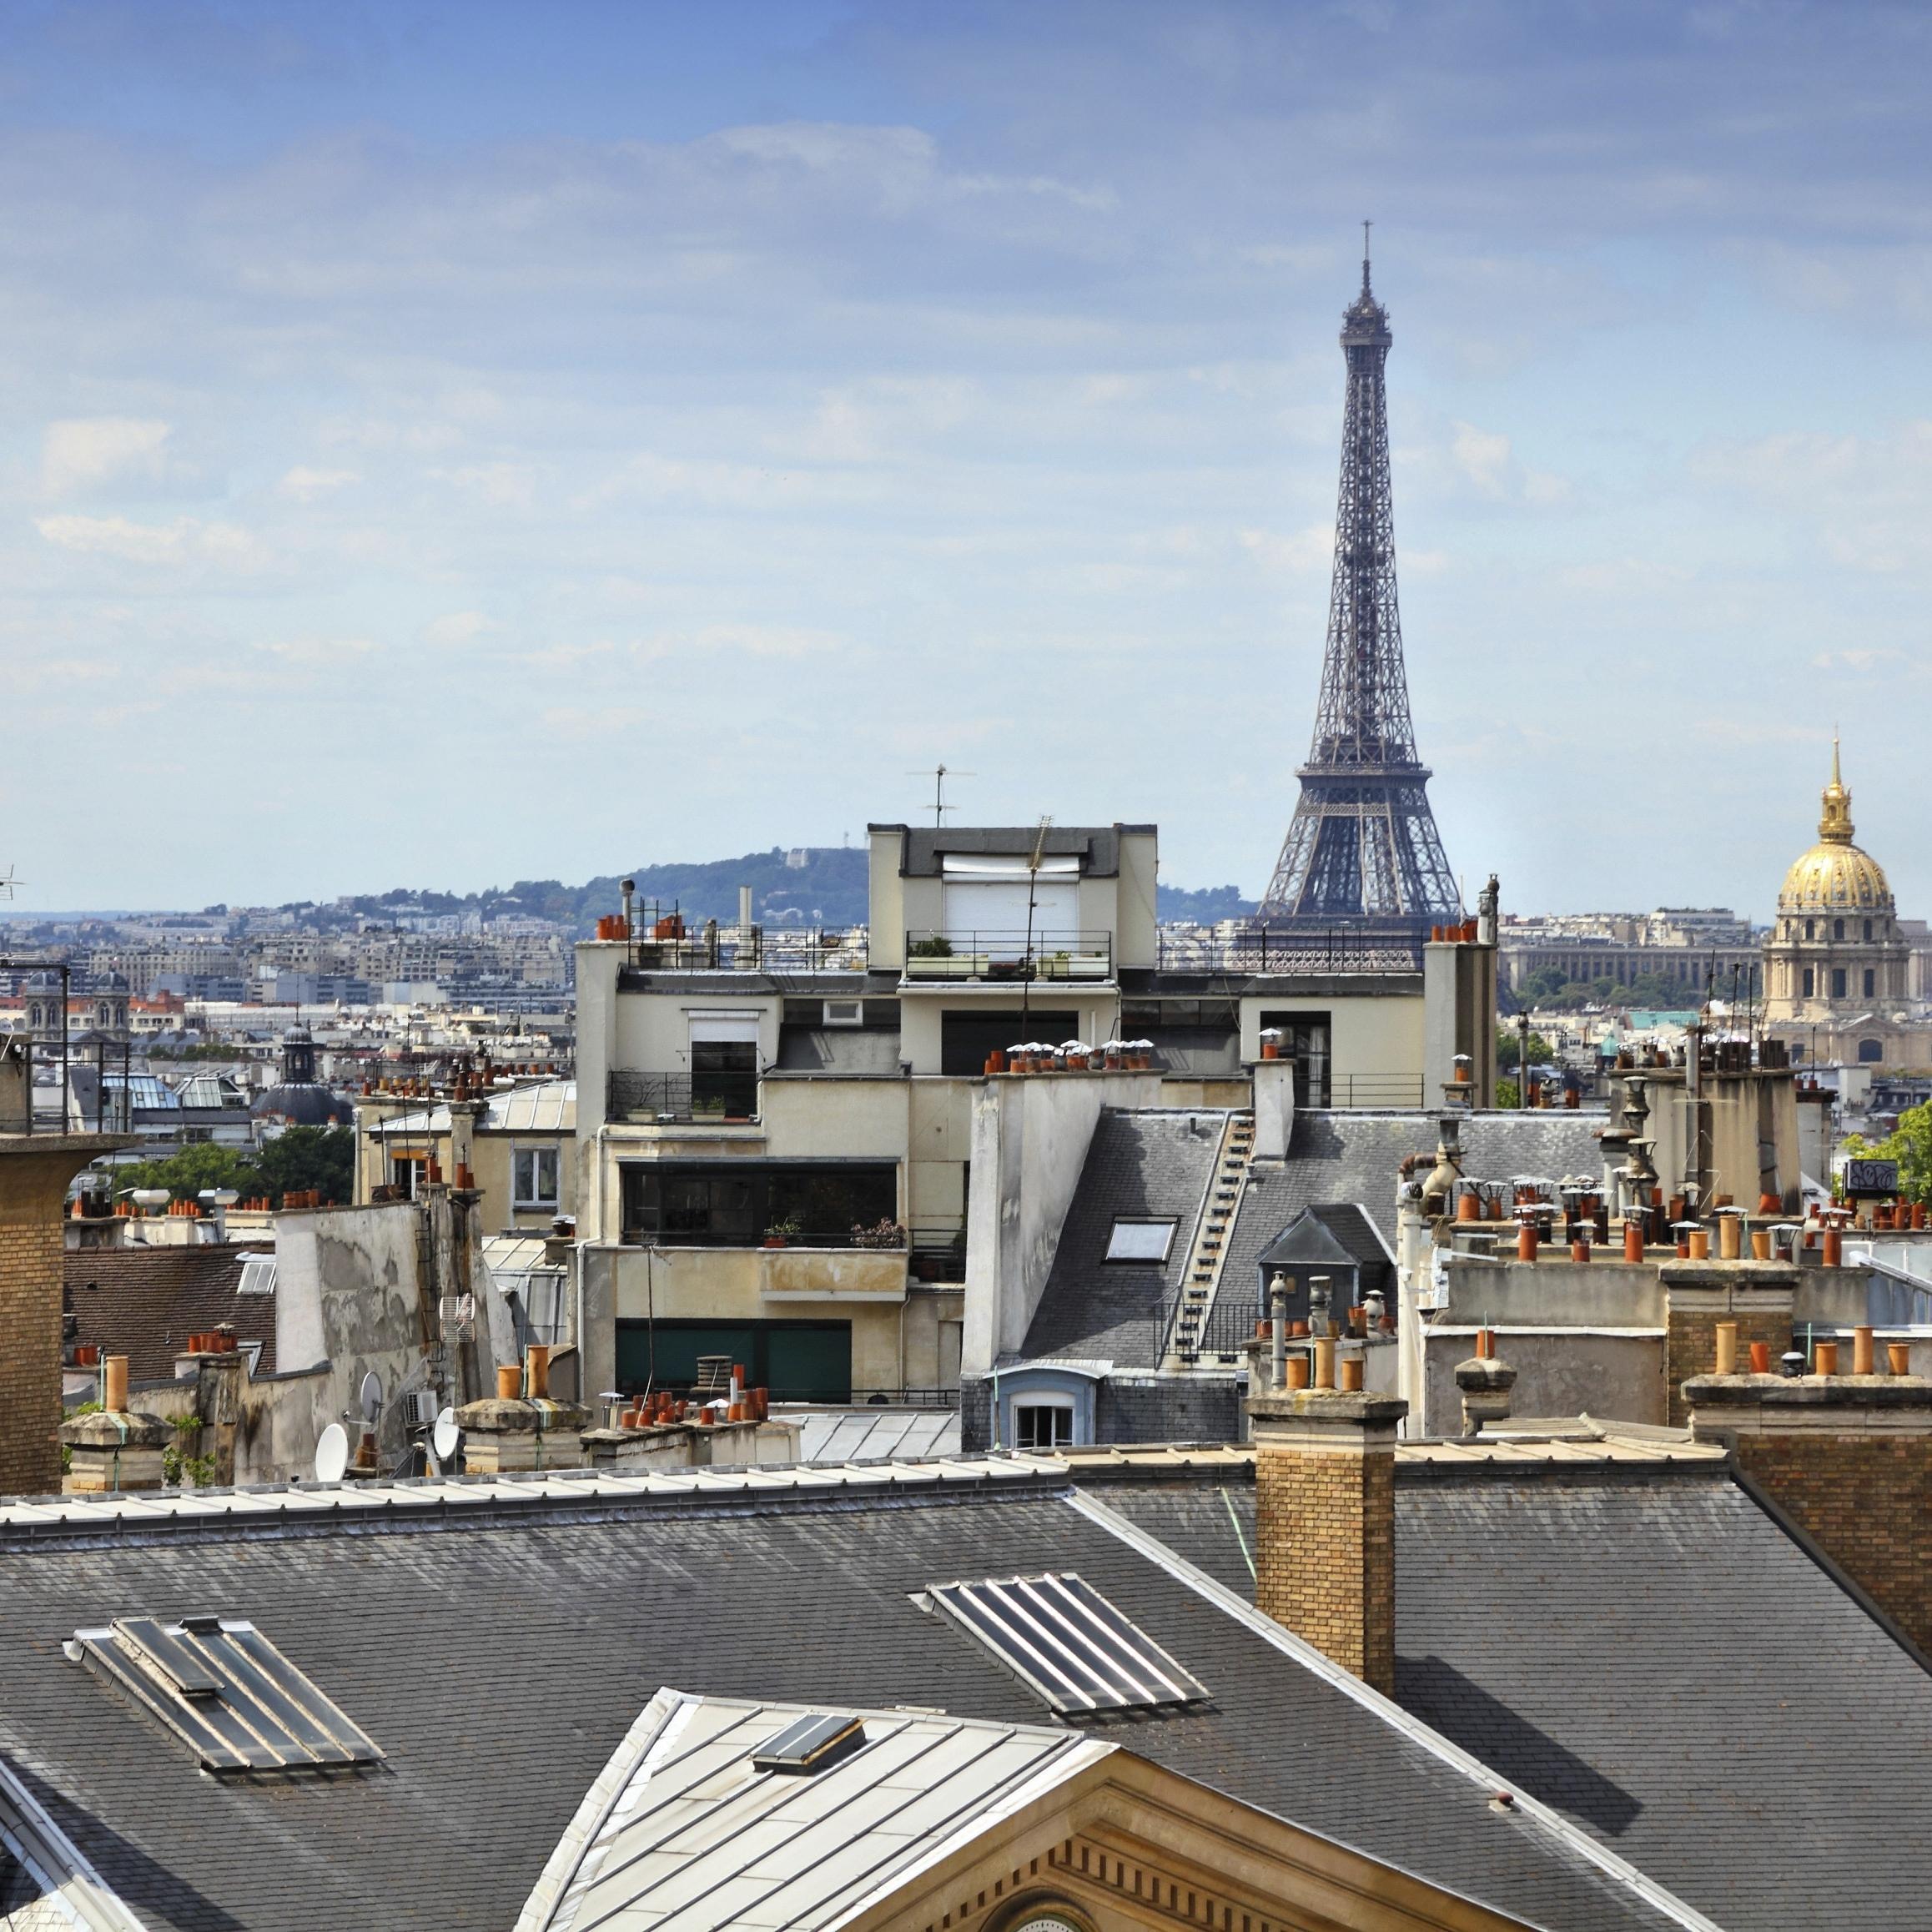 Raccolta Differenziata: La Classifica Delle Città Migliori In Europa  #425B89 2316 2316 Isole E Carrelli Di Cucina